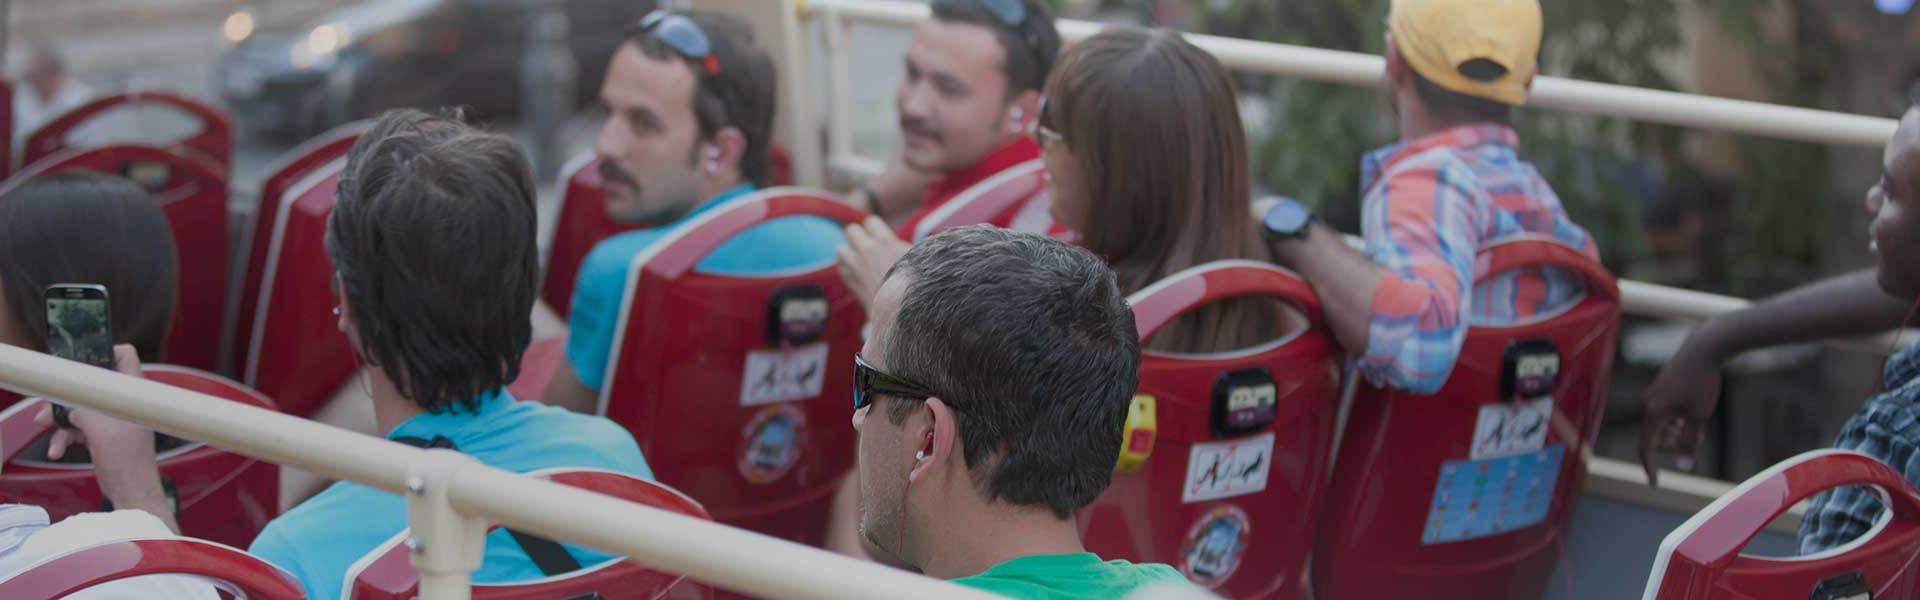 Touristen auf ihrer Fahrt mit Big Bus durch Dubai